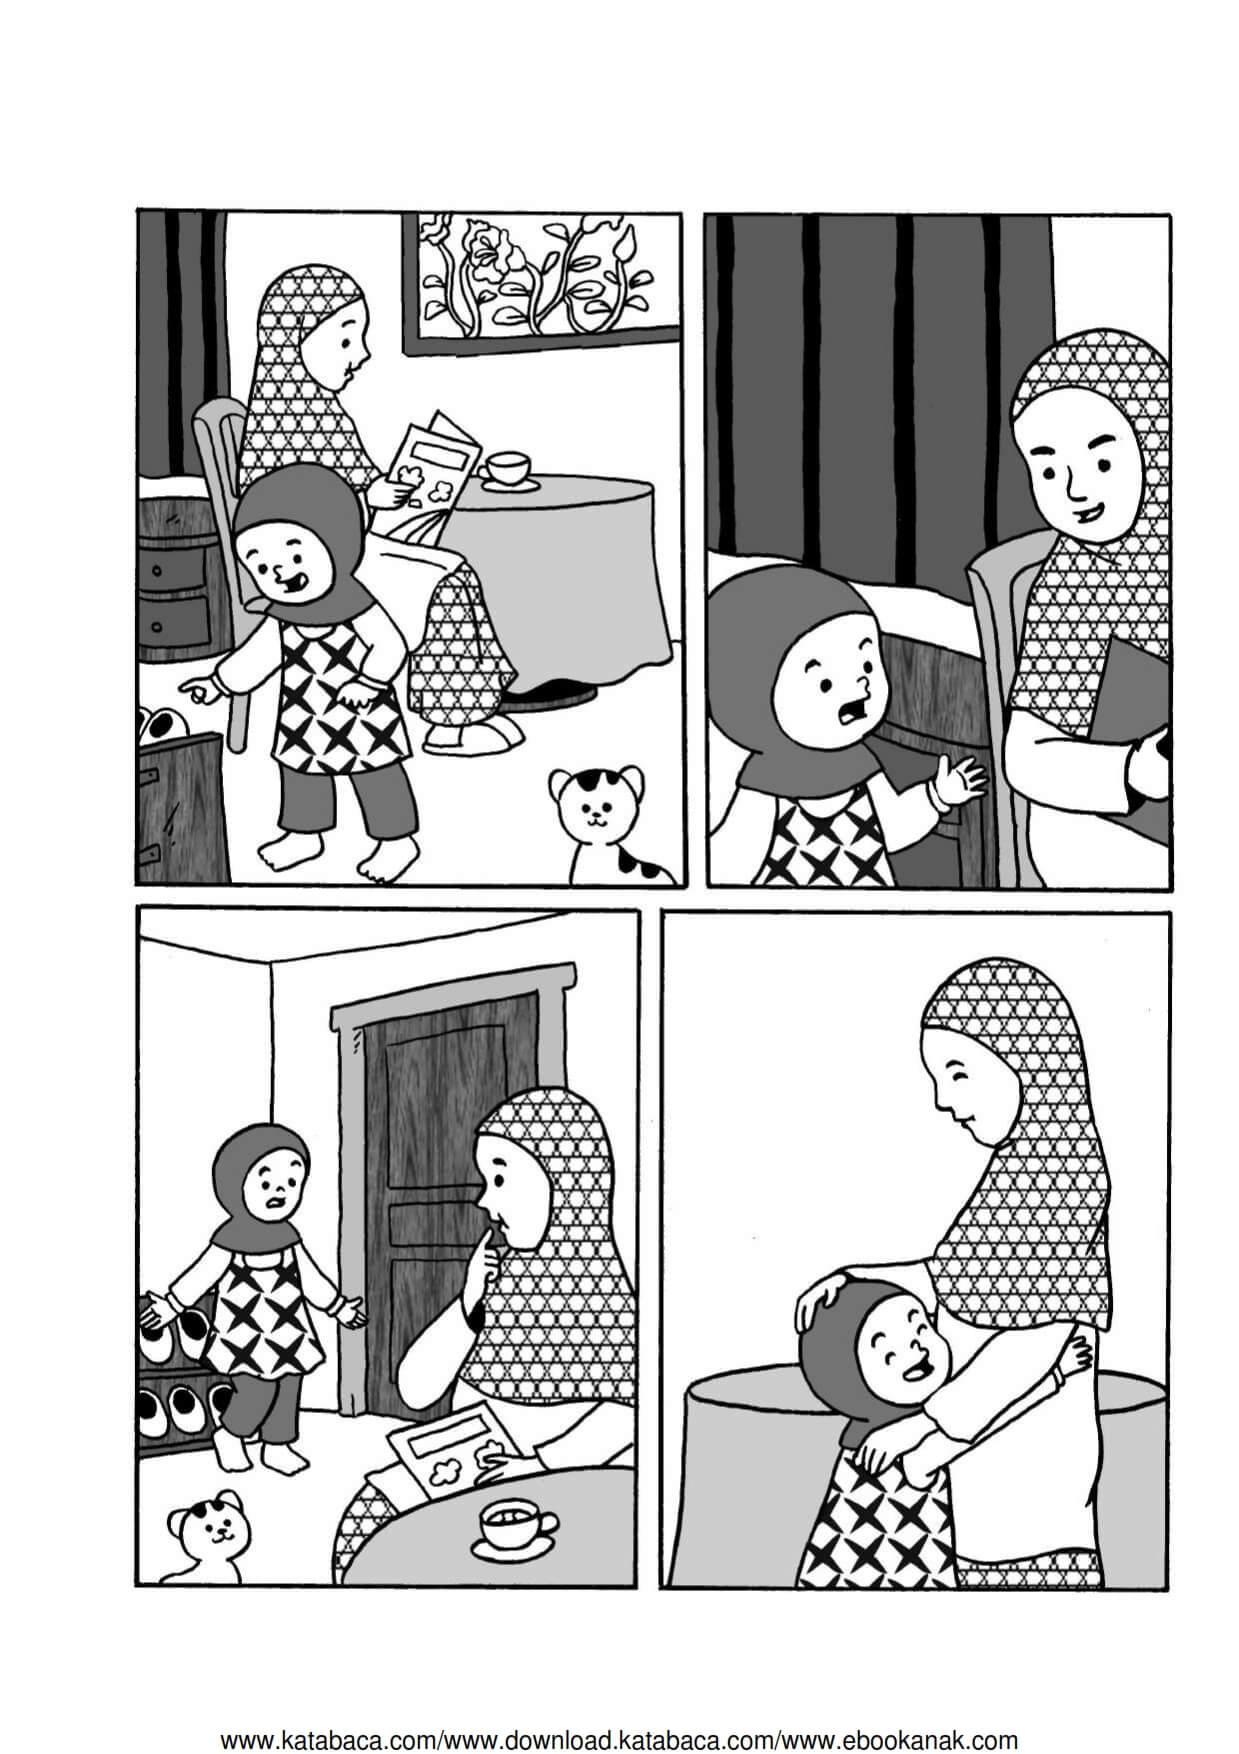 Komik Adab Nabi Muhammad Bertutur Sopan Pada Orangtua Ebook Anak